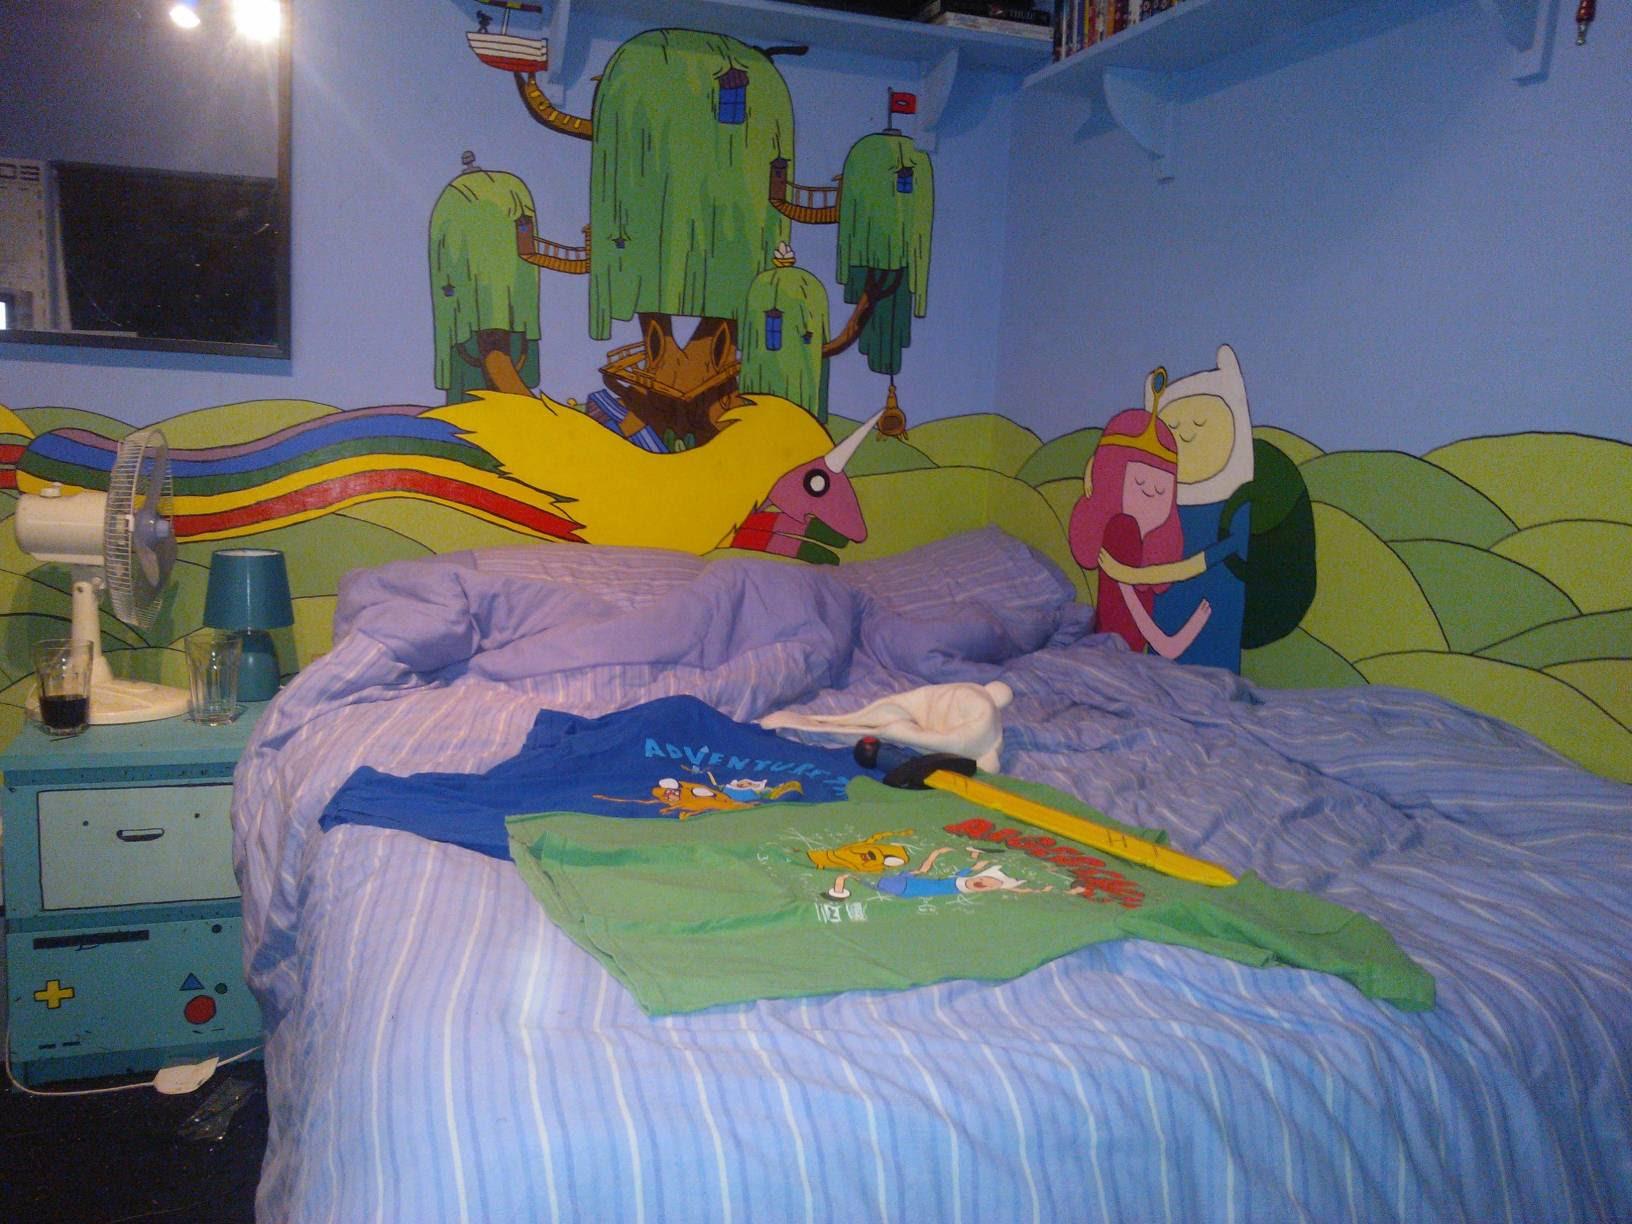 Adventure Time Bedroom Wallpaper